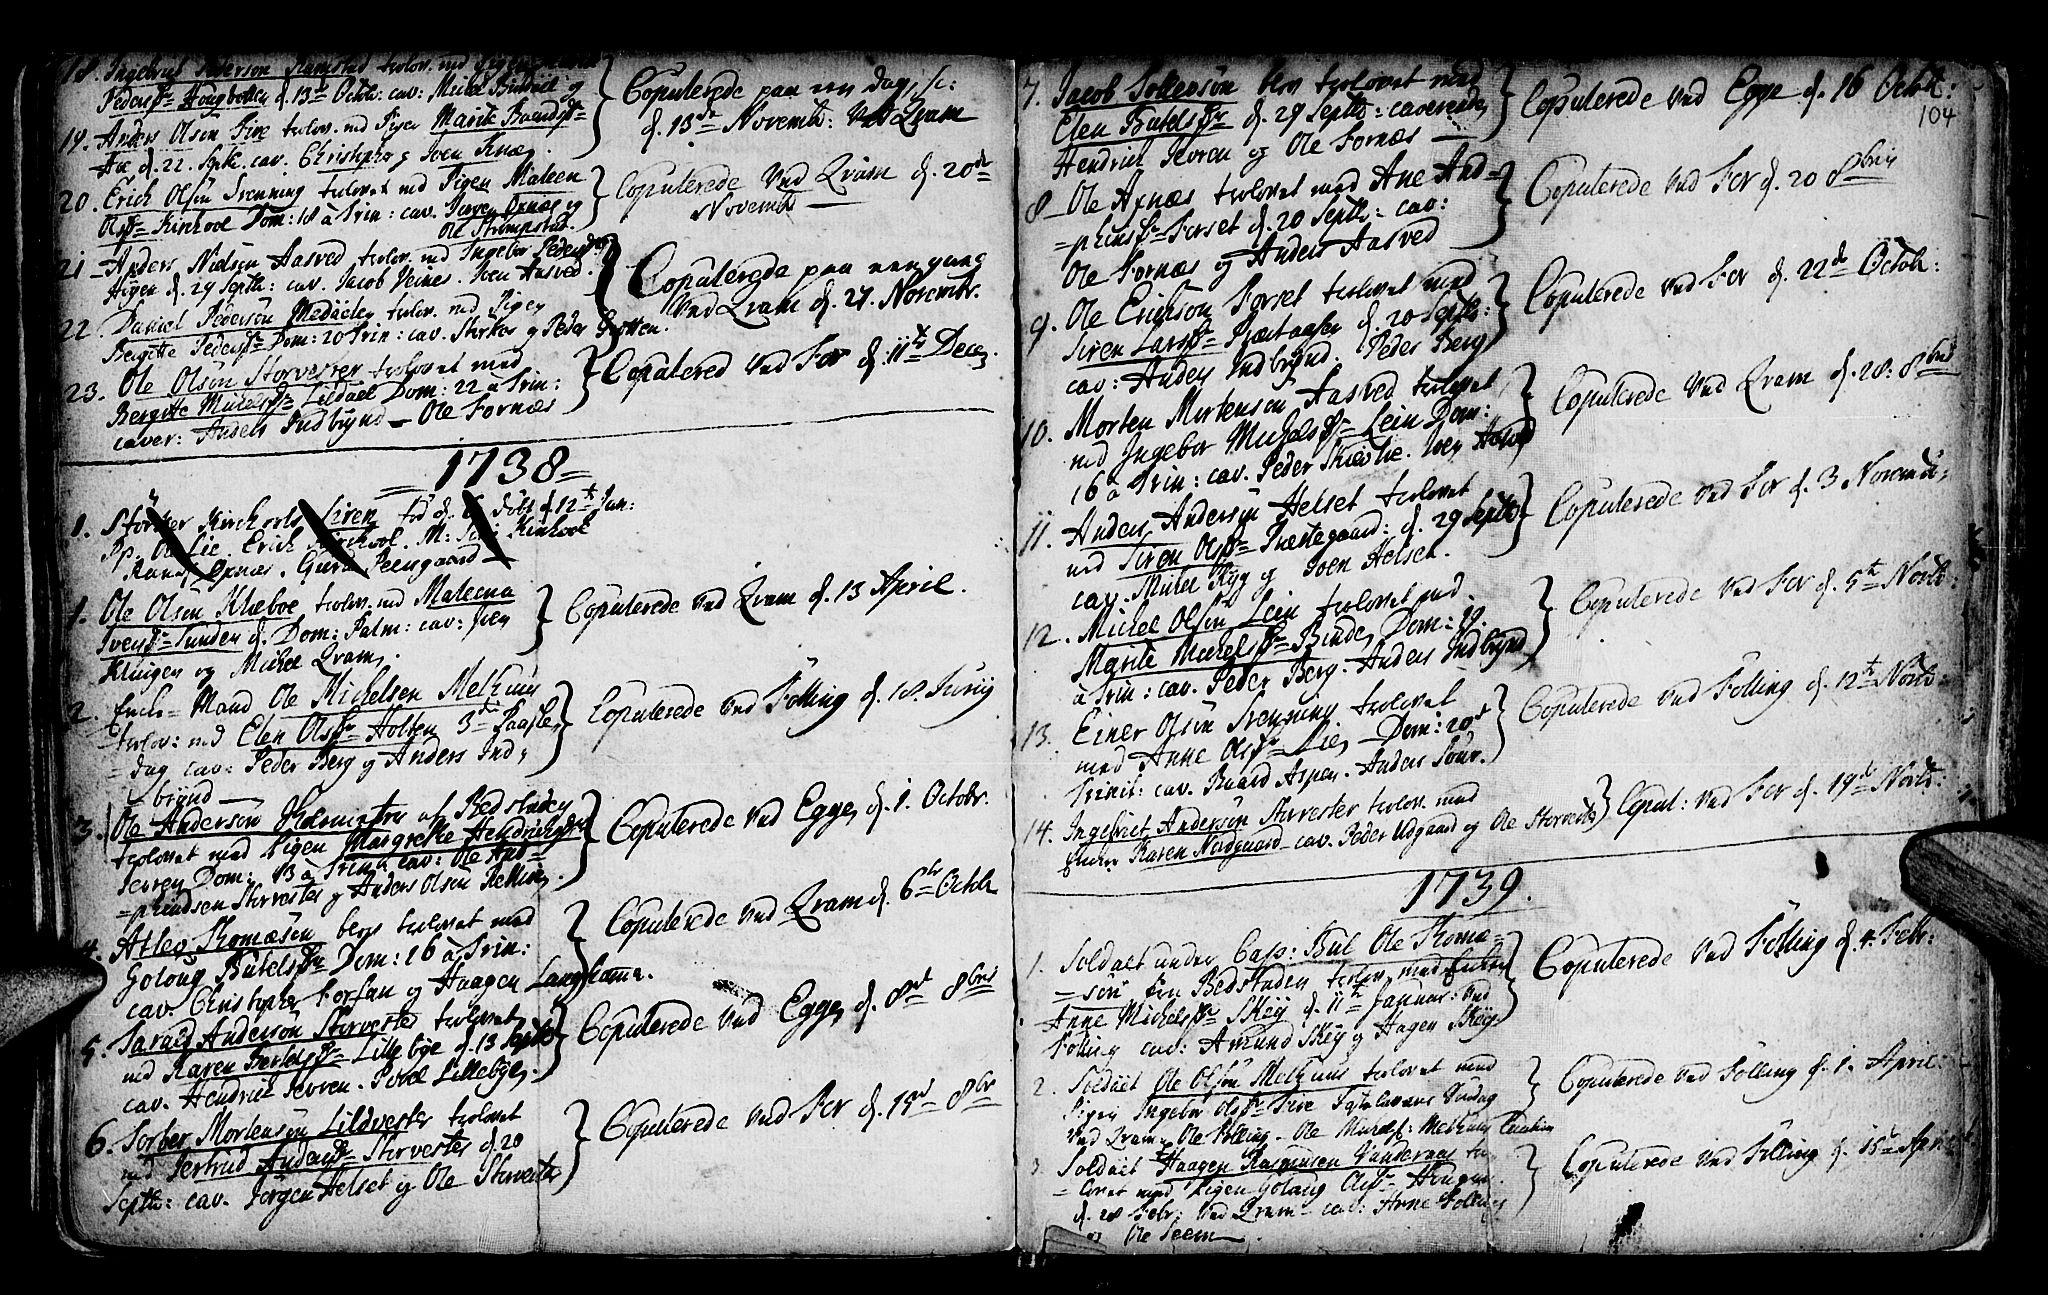 SAT, Ministerialprotokoller, klokkerbøker og fødselsregistre - Nord-Trøndelag, 746/L0439: Ministerialbok nr. 746A01, 1688-1759, s. 104